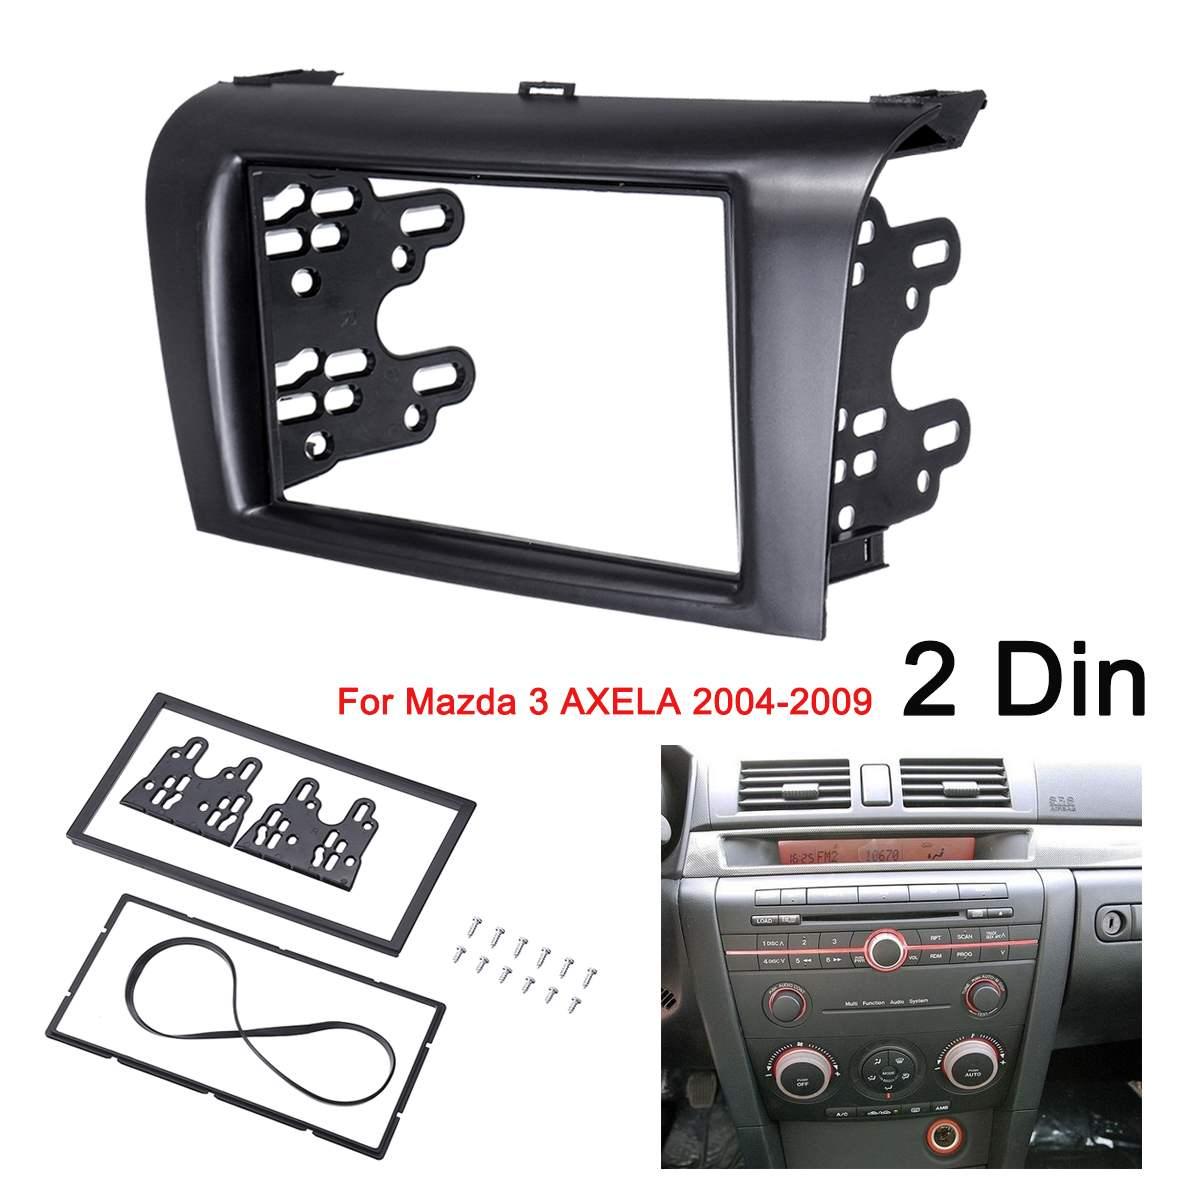 2DIN Car Stereo Radio Dvd Fascia Fasce Dash Pannello Piatto Trim Kit Telaio di Copertura per Mazda 3 Axela 2004 2005 2006 2007 2008 2009